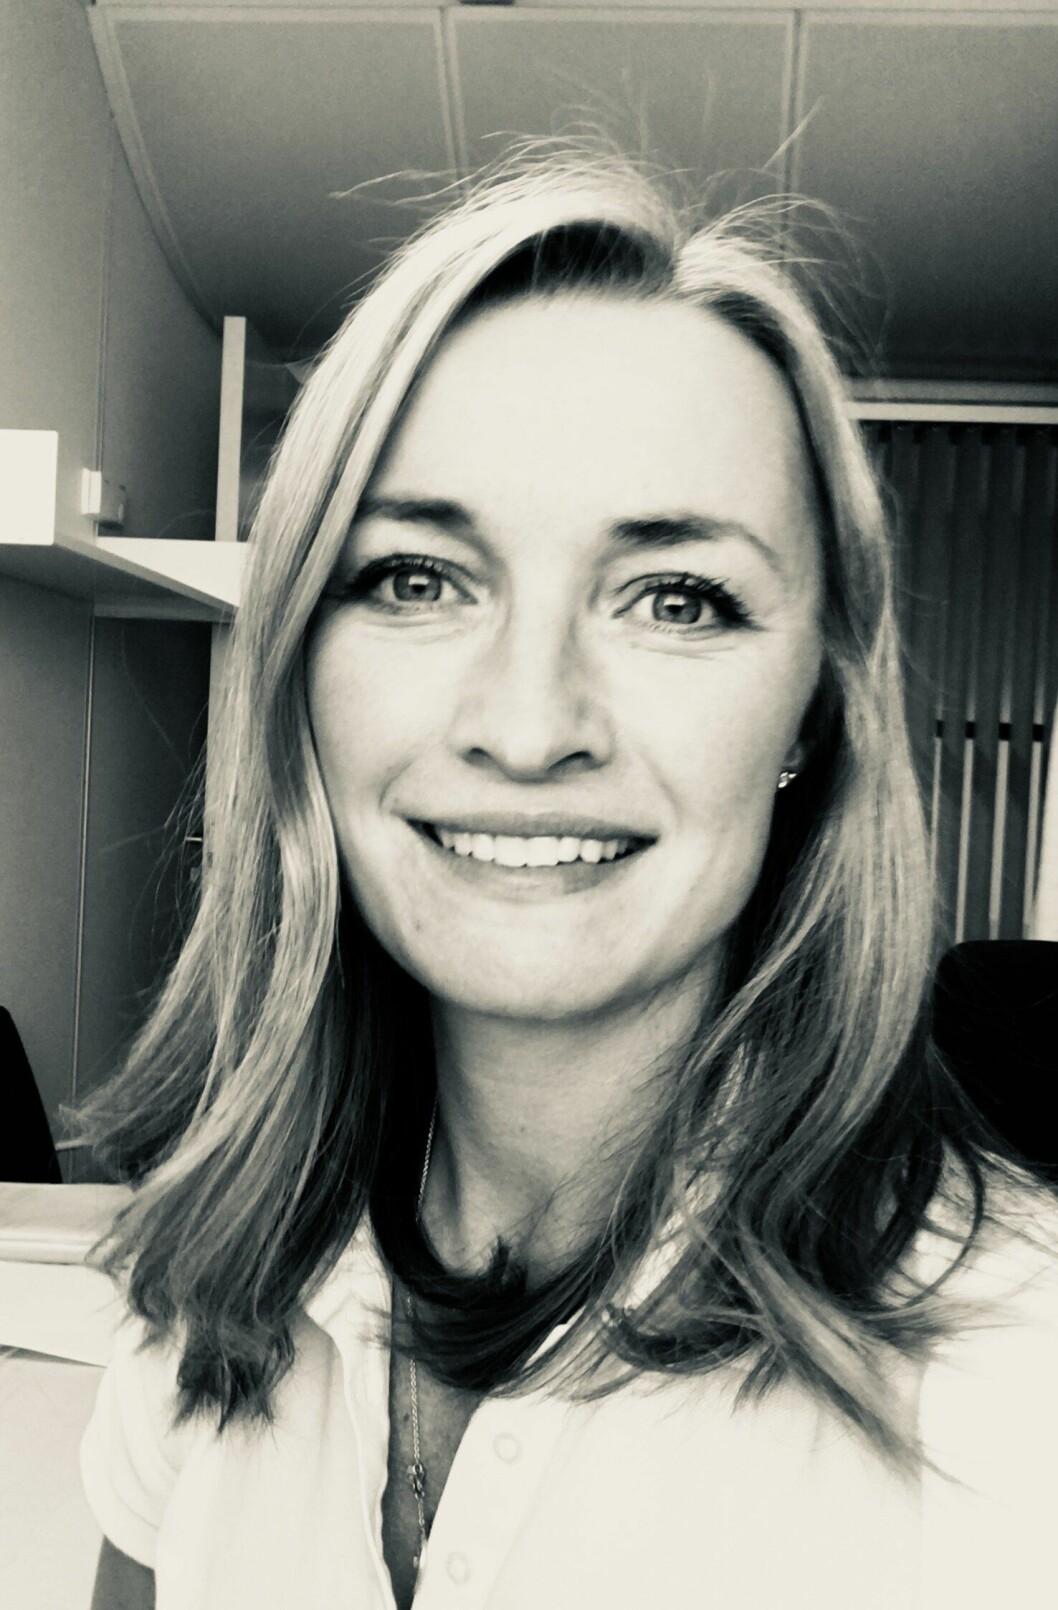 NETTSJEKK: Juridisk rådgiver Camilla Lie hos Spesialenheten, sier de gjennomgikk hetsende uttalelser om politibetjentene på Facebook.